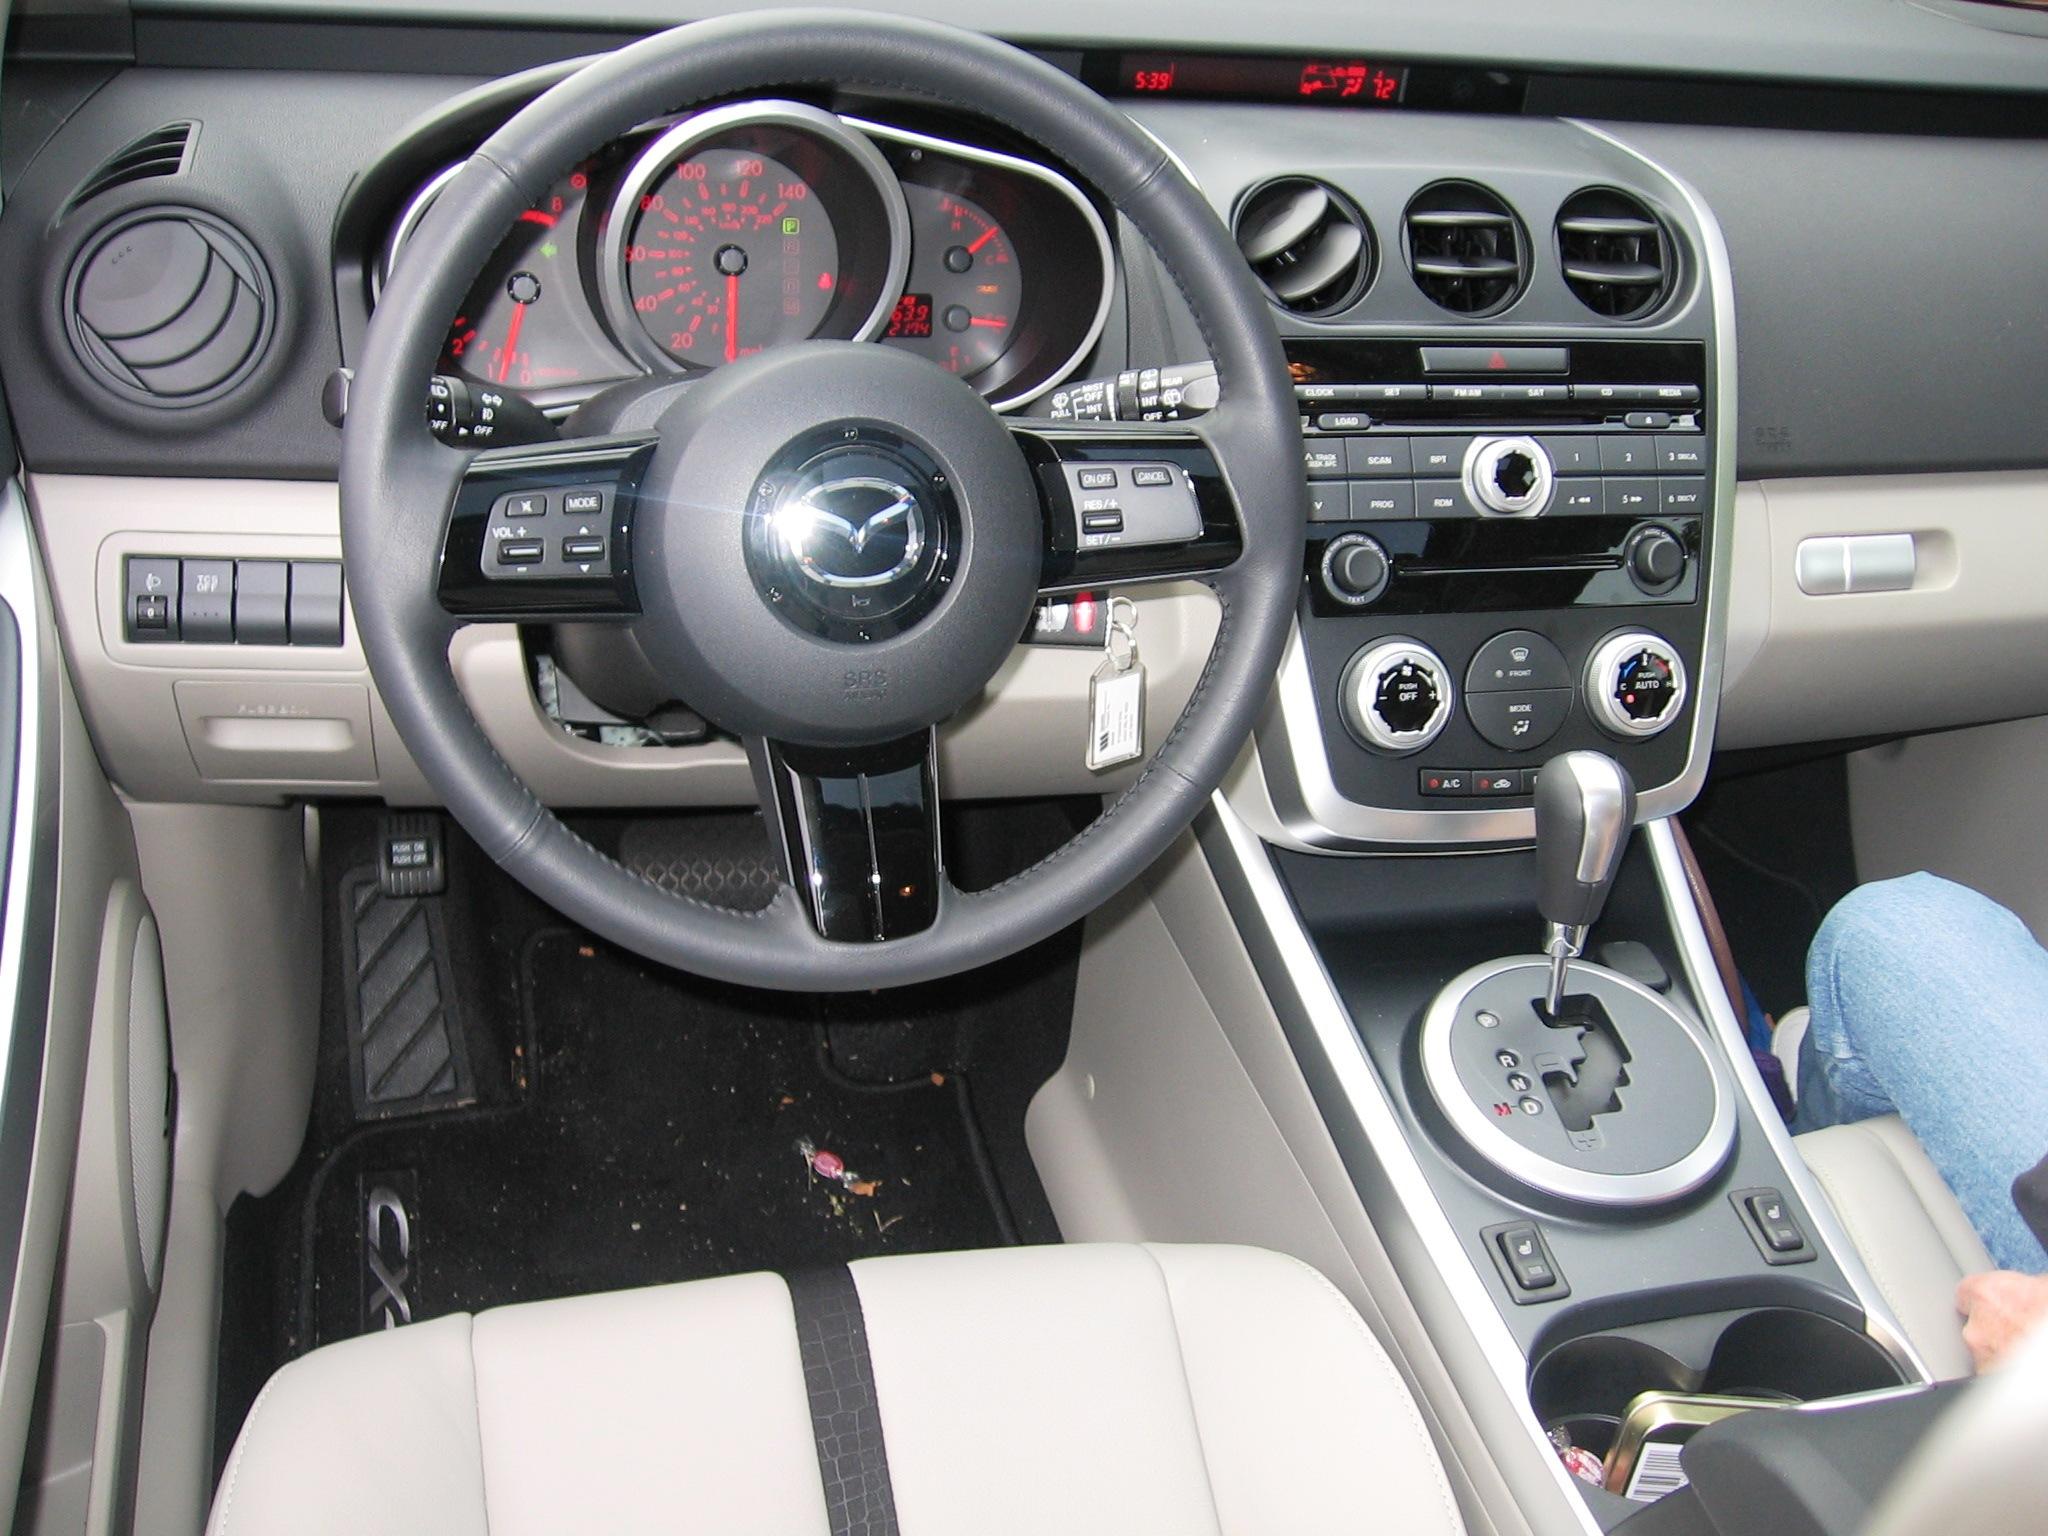 MAZDA CX-7 interior